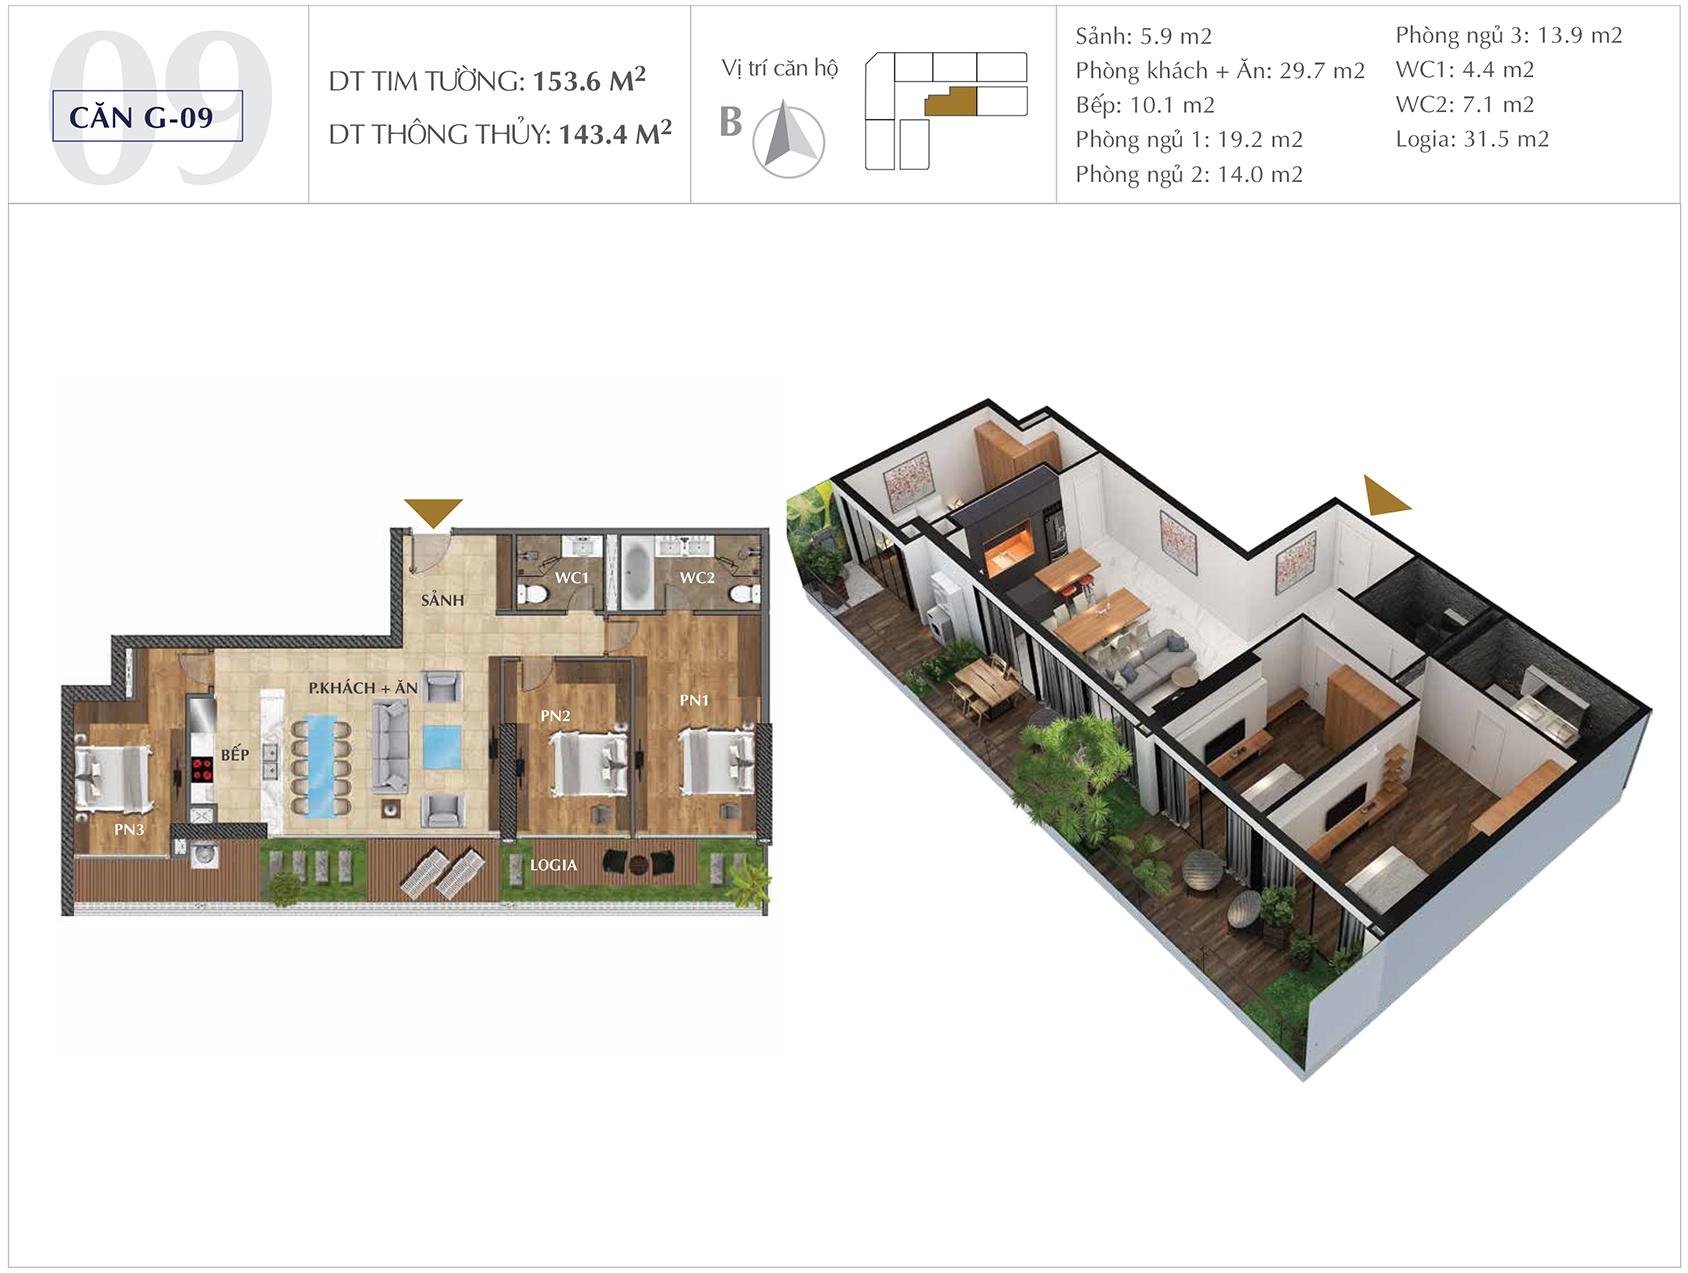 Thiết kế căn hộ G-09